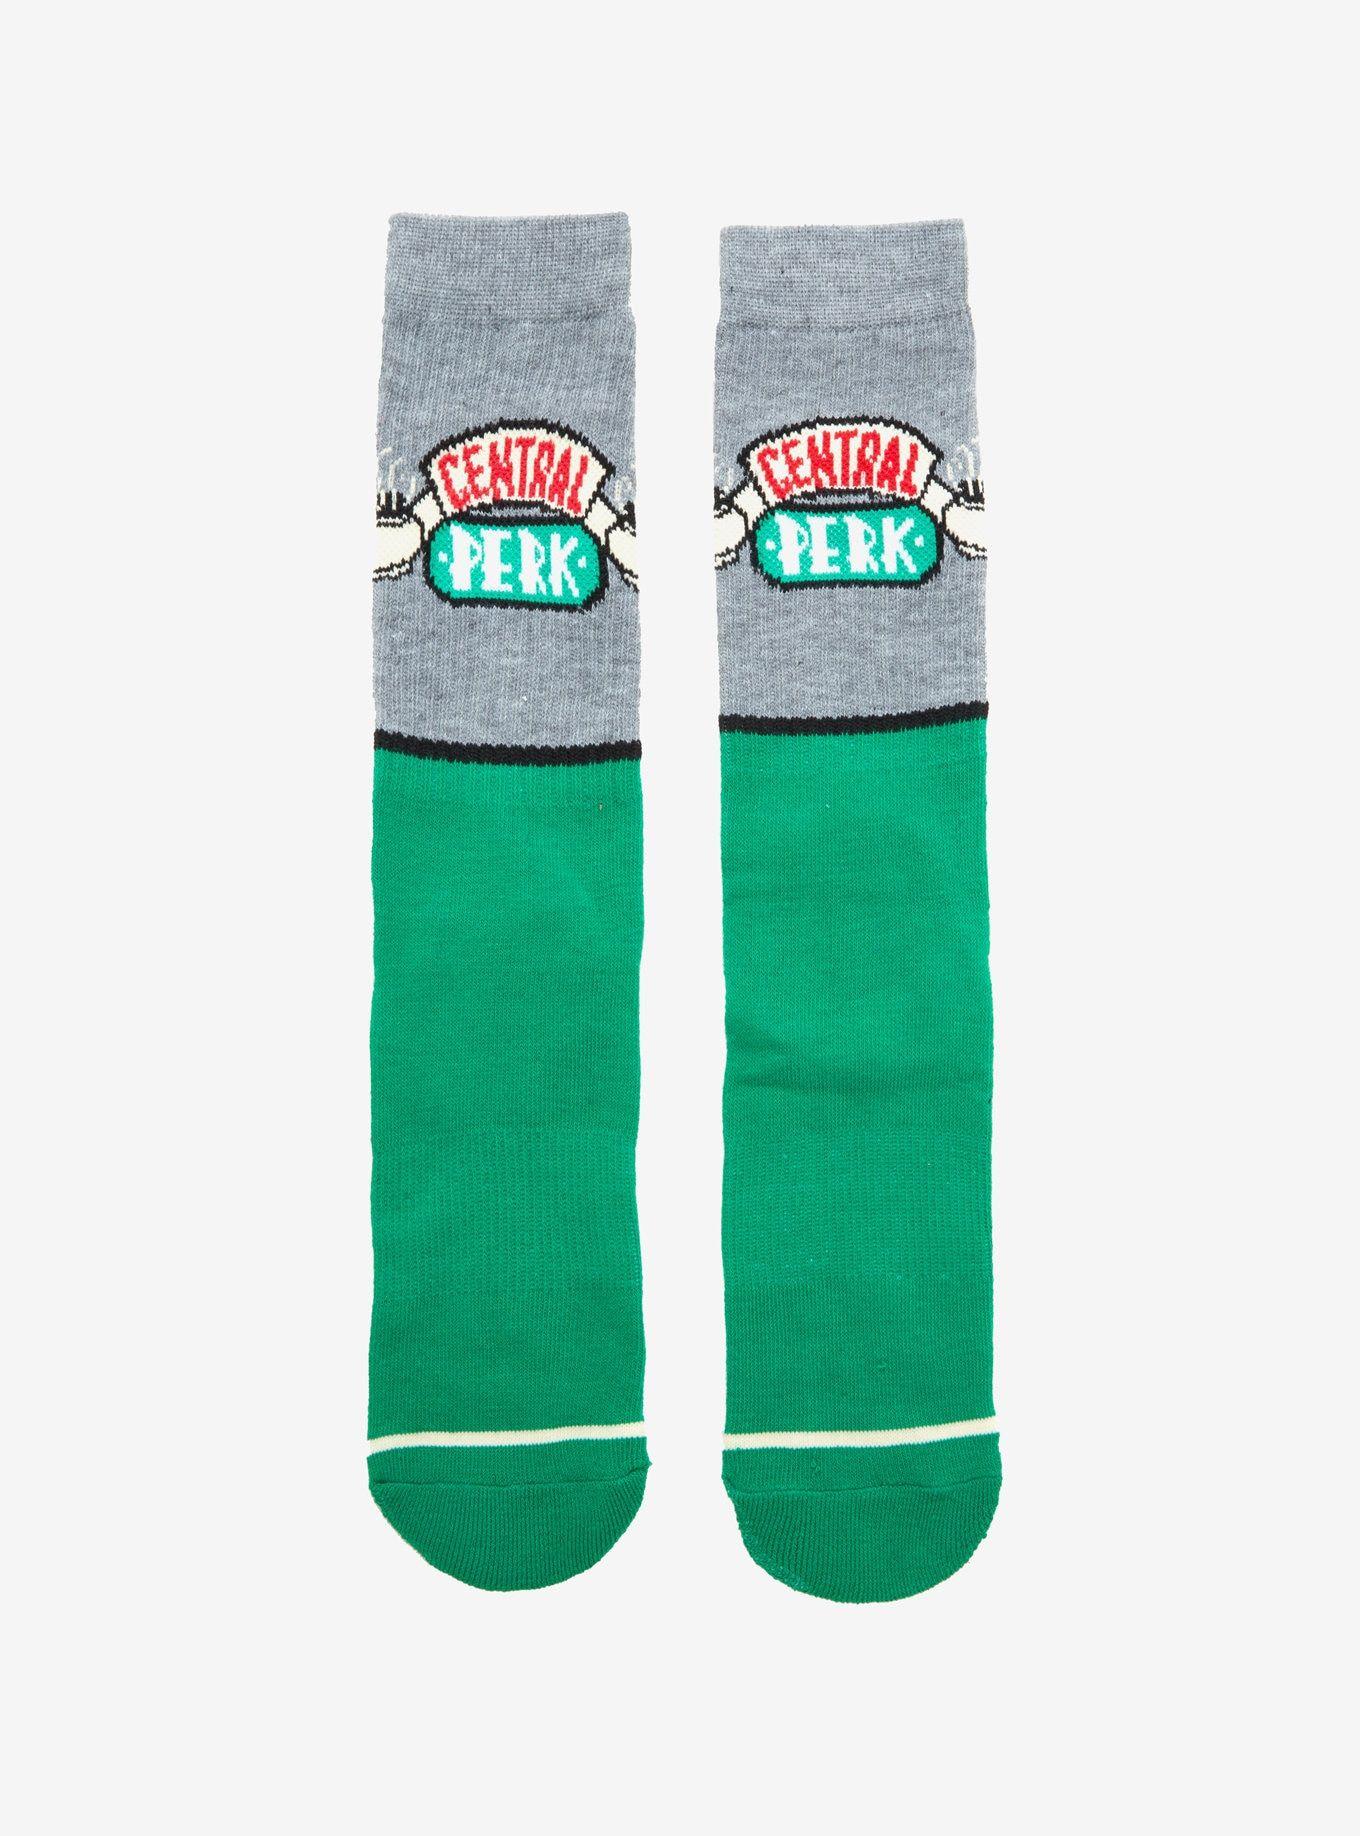 Friends Central Perk Color Block Crew Socks in 2020